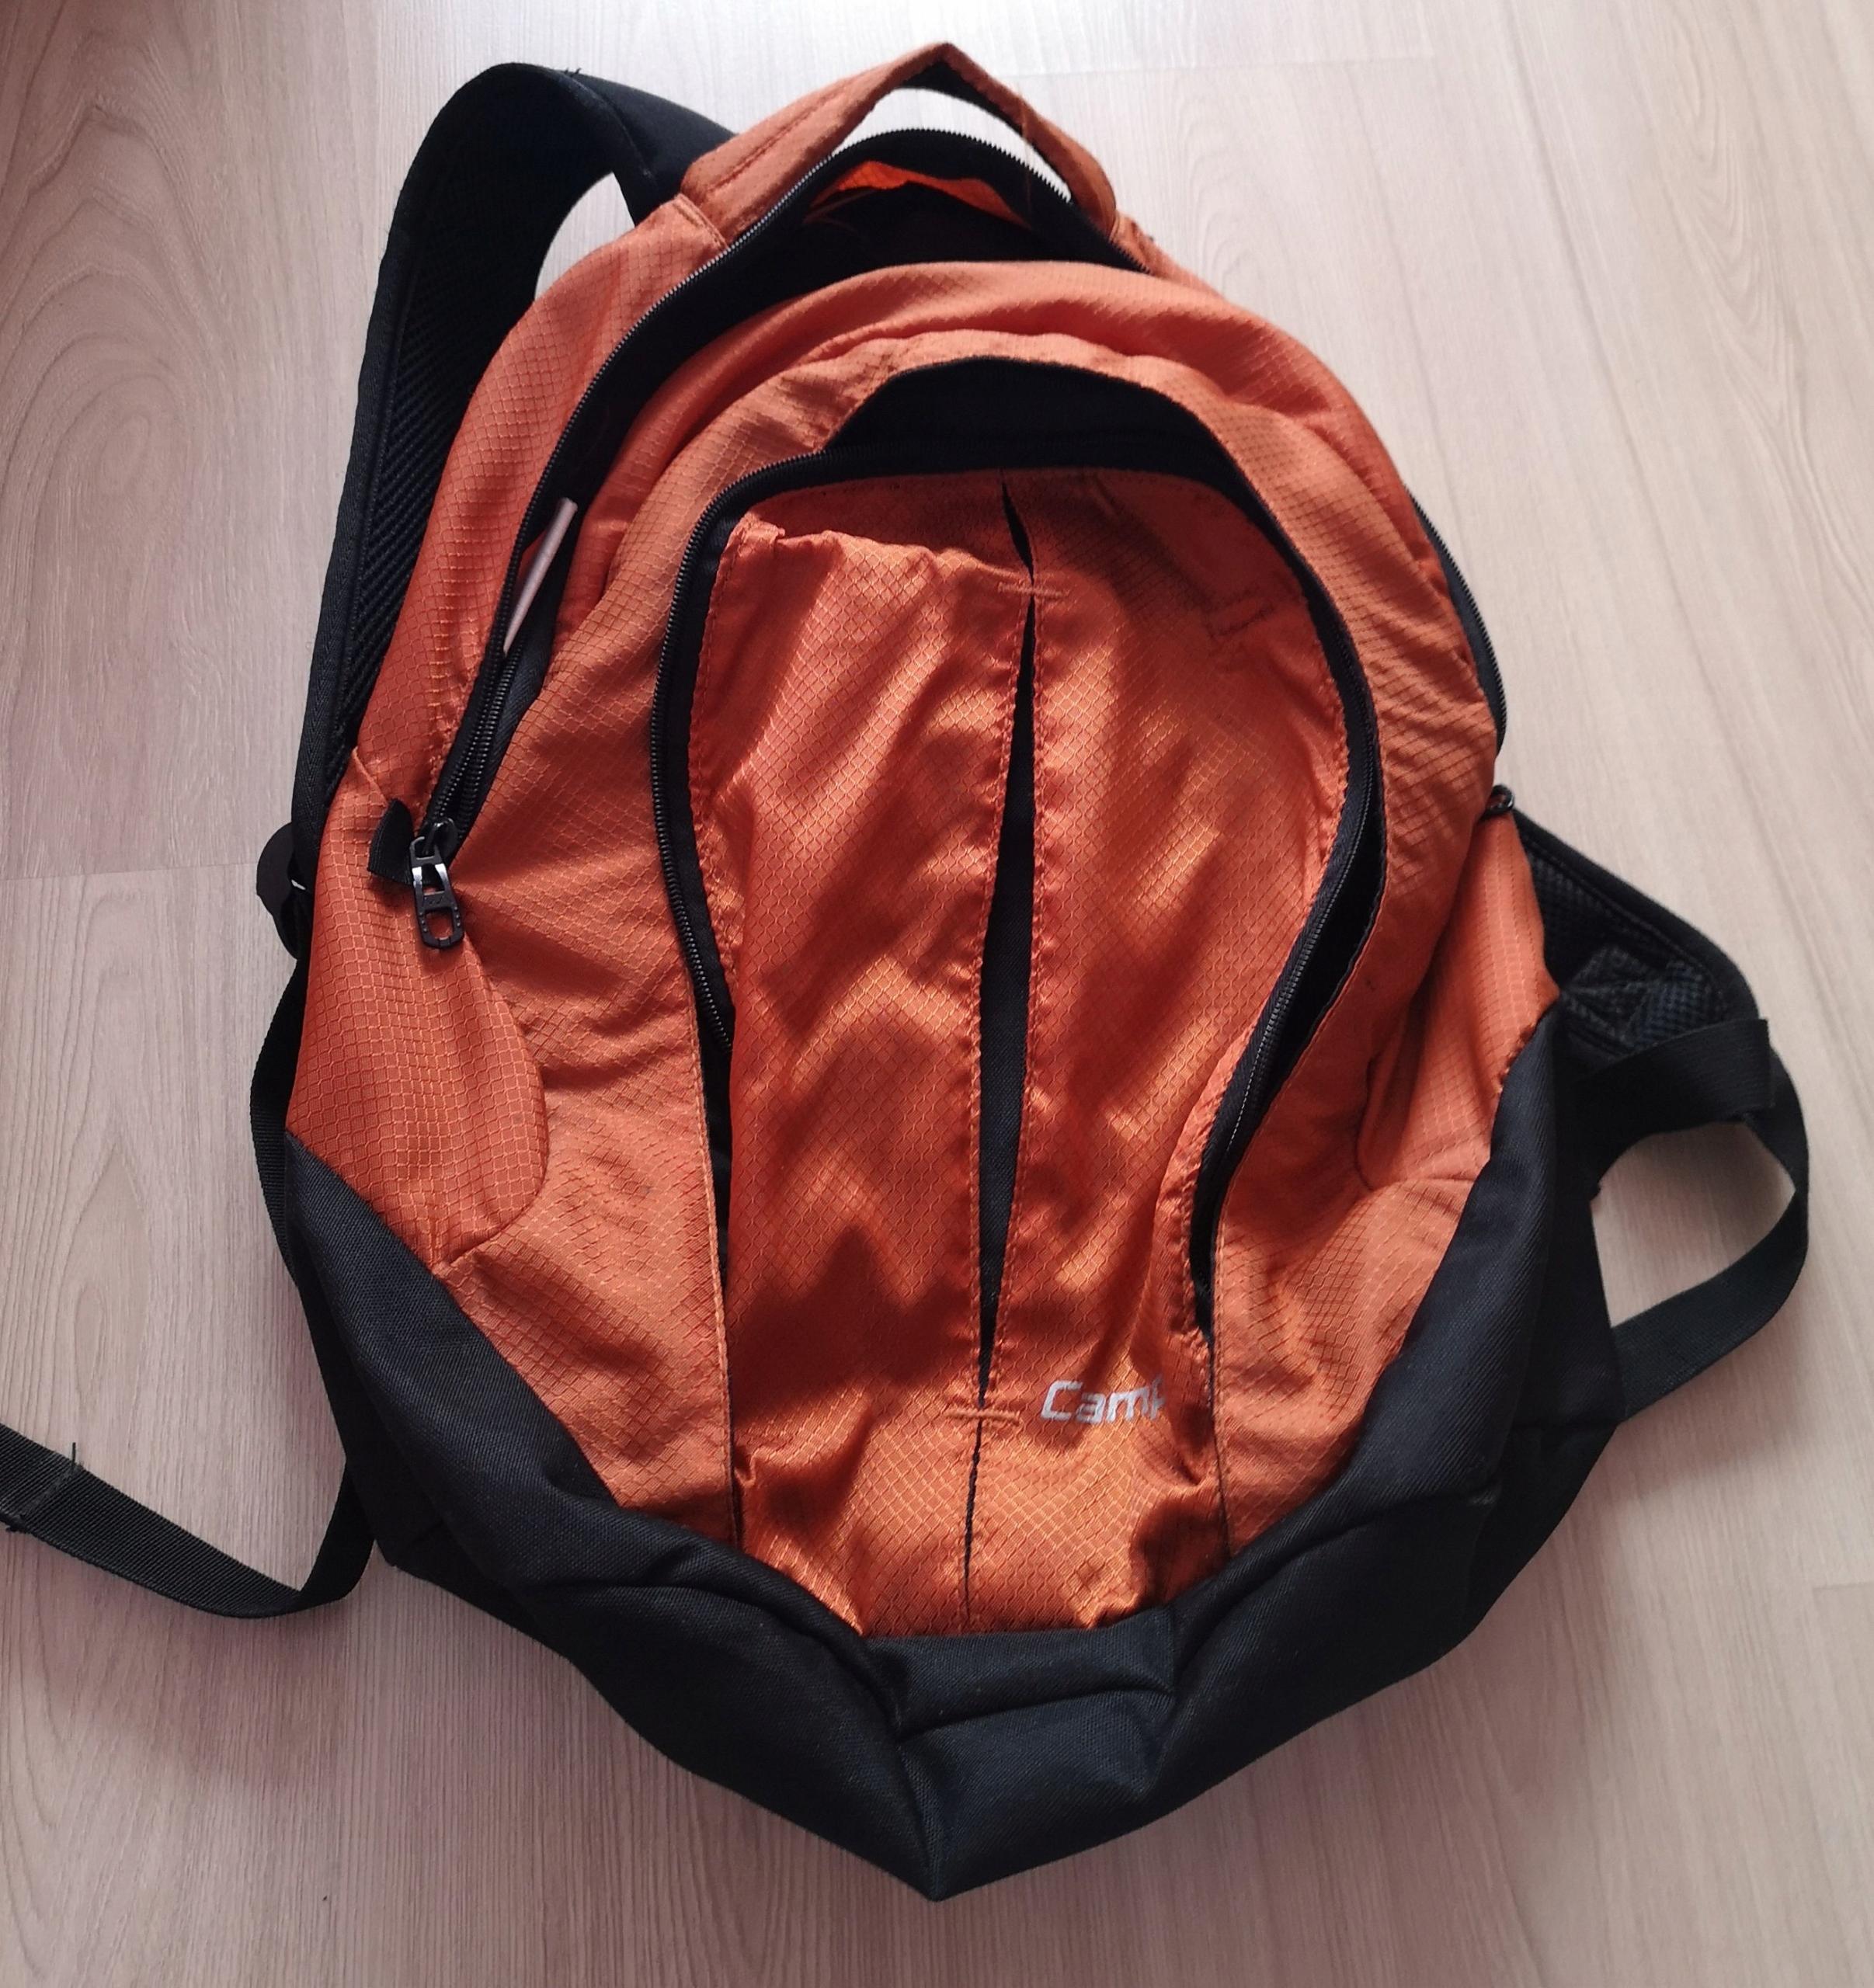 PLECAK Campus KOOL 20 L pomarańczowy POMARAŃCZ